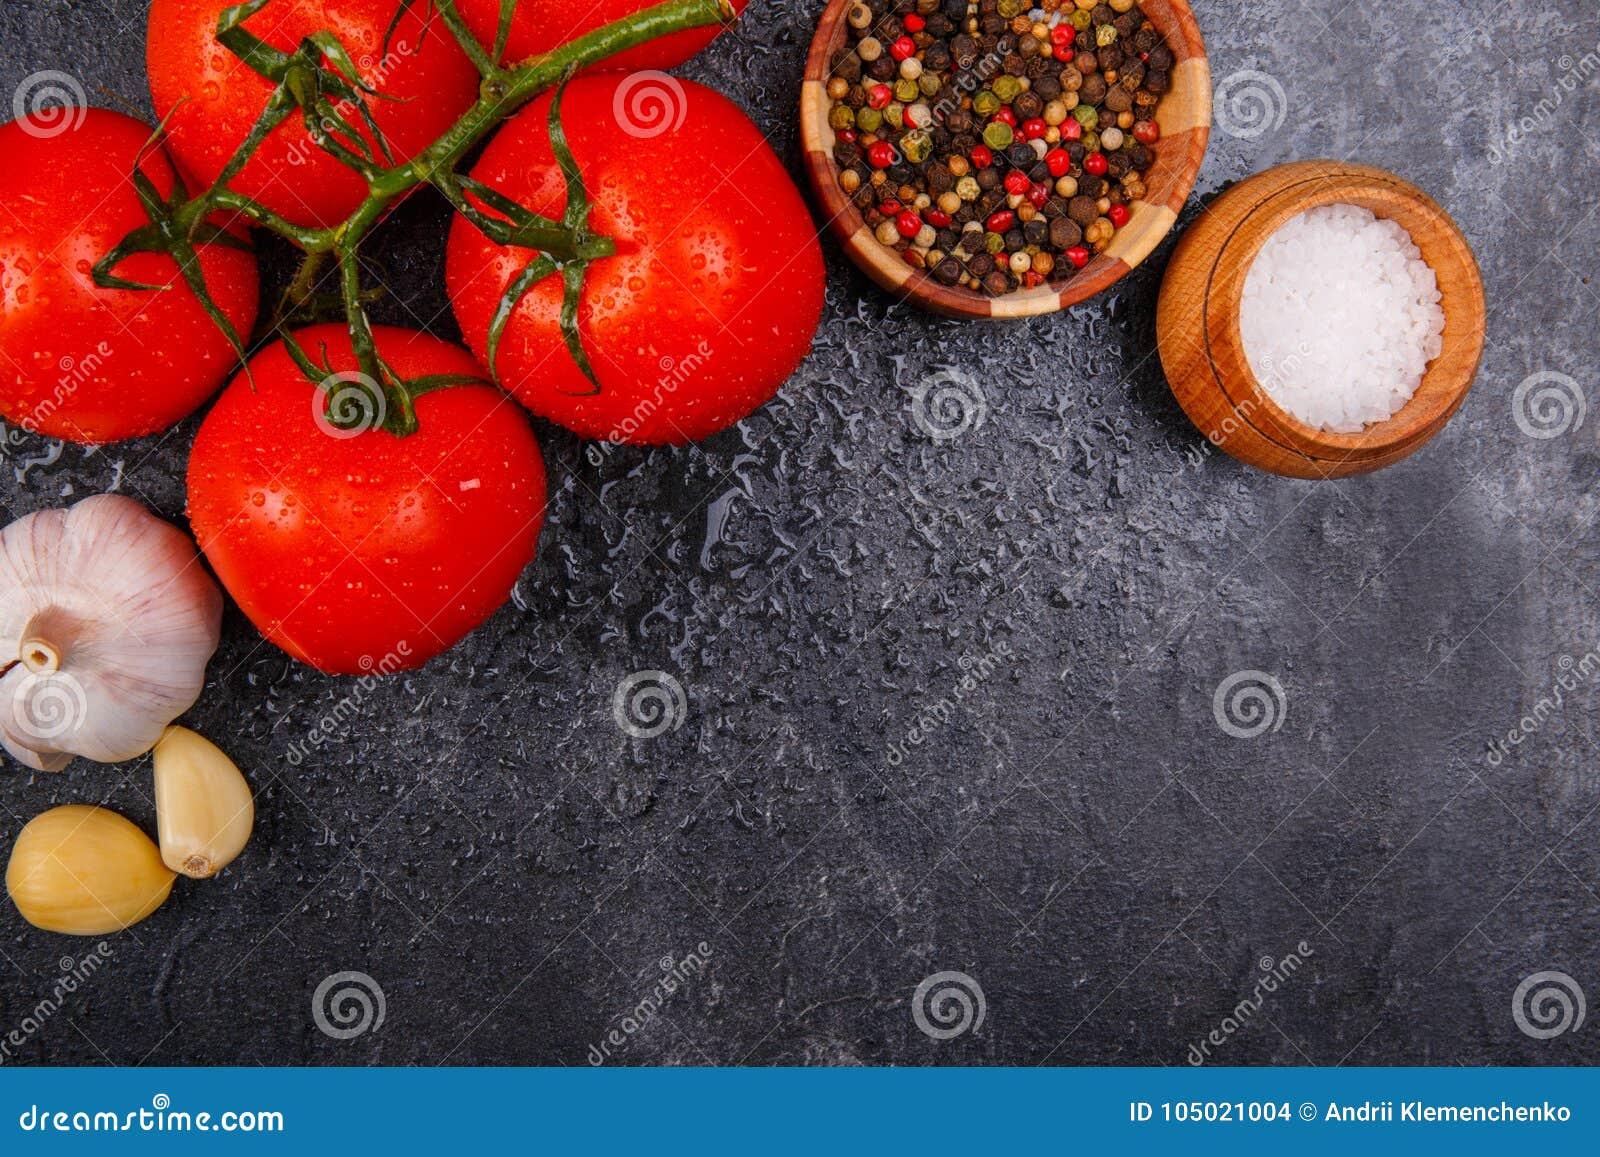 Mogna aptitretande ljusa tomater med pepparkorn, vitlök och saltar på en svart bakgrund, där är rum för text Beskåda